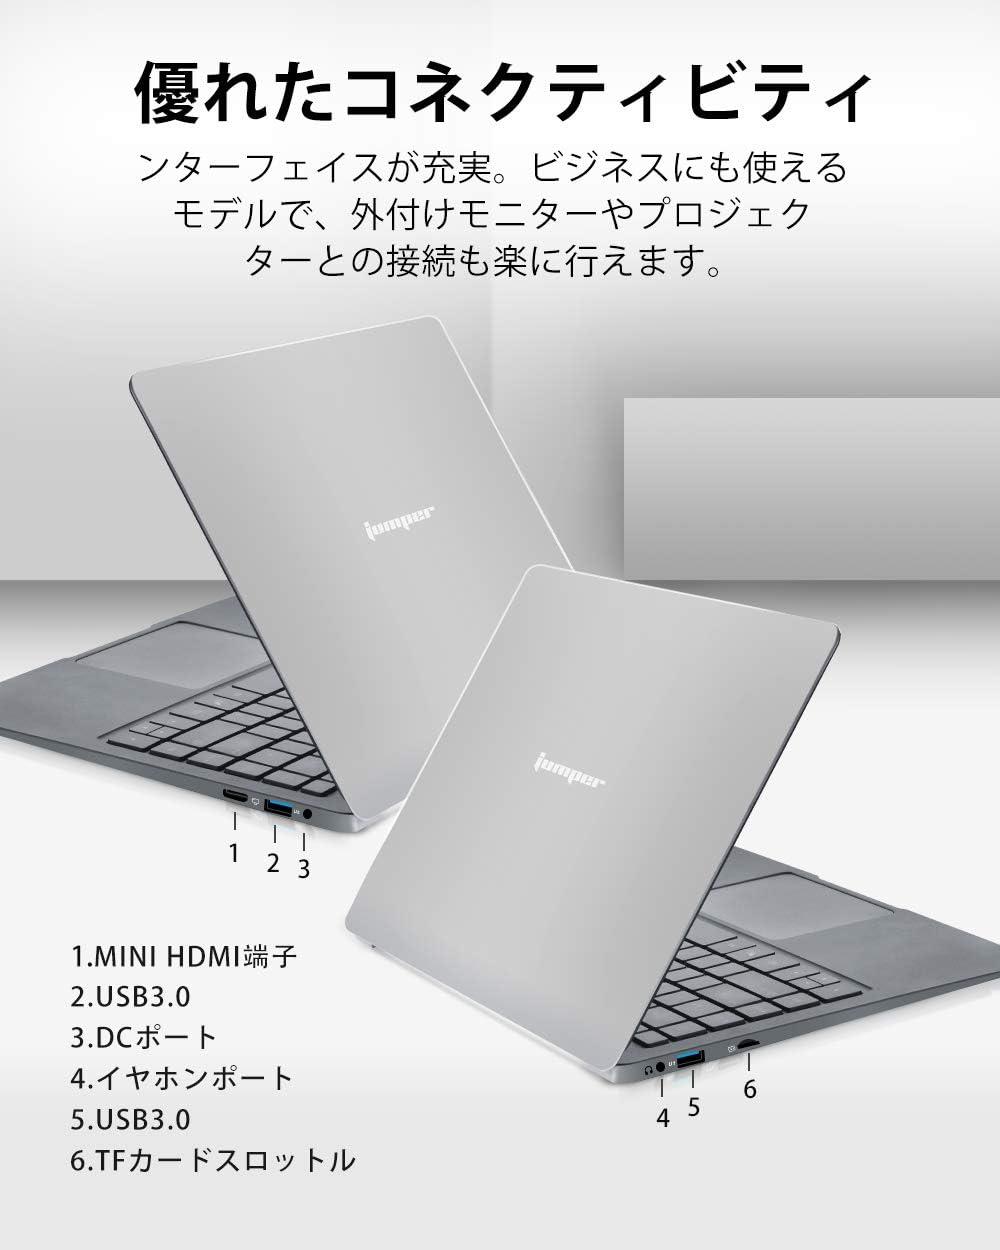 Jumper EZbook X7 13.3インチ【超軽型 最新版】